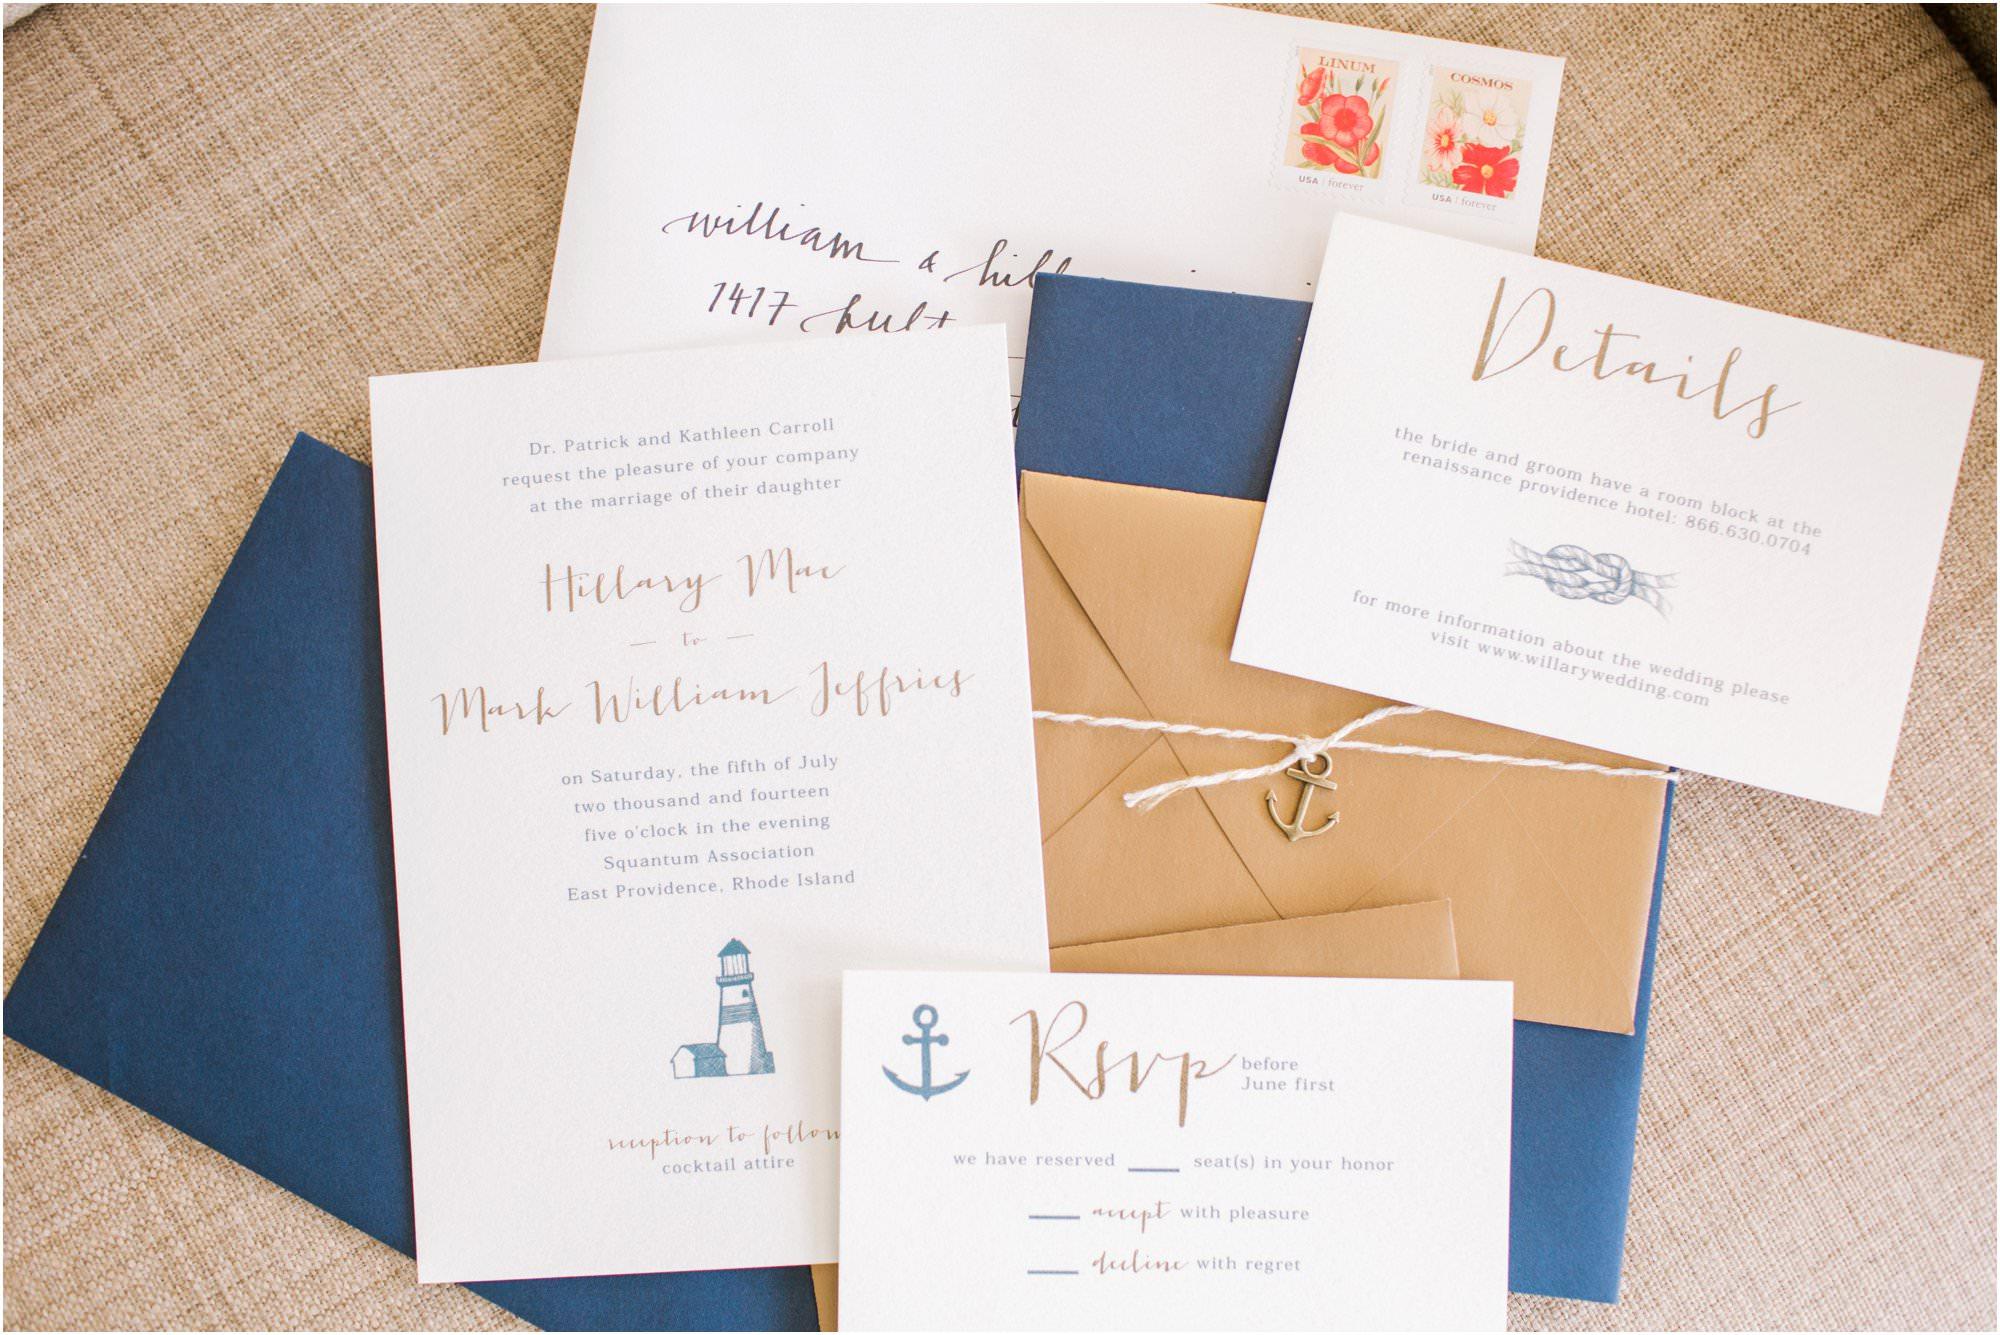 nautical squantum association wedding invitations